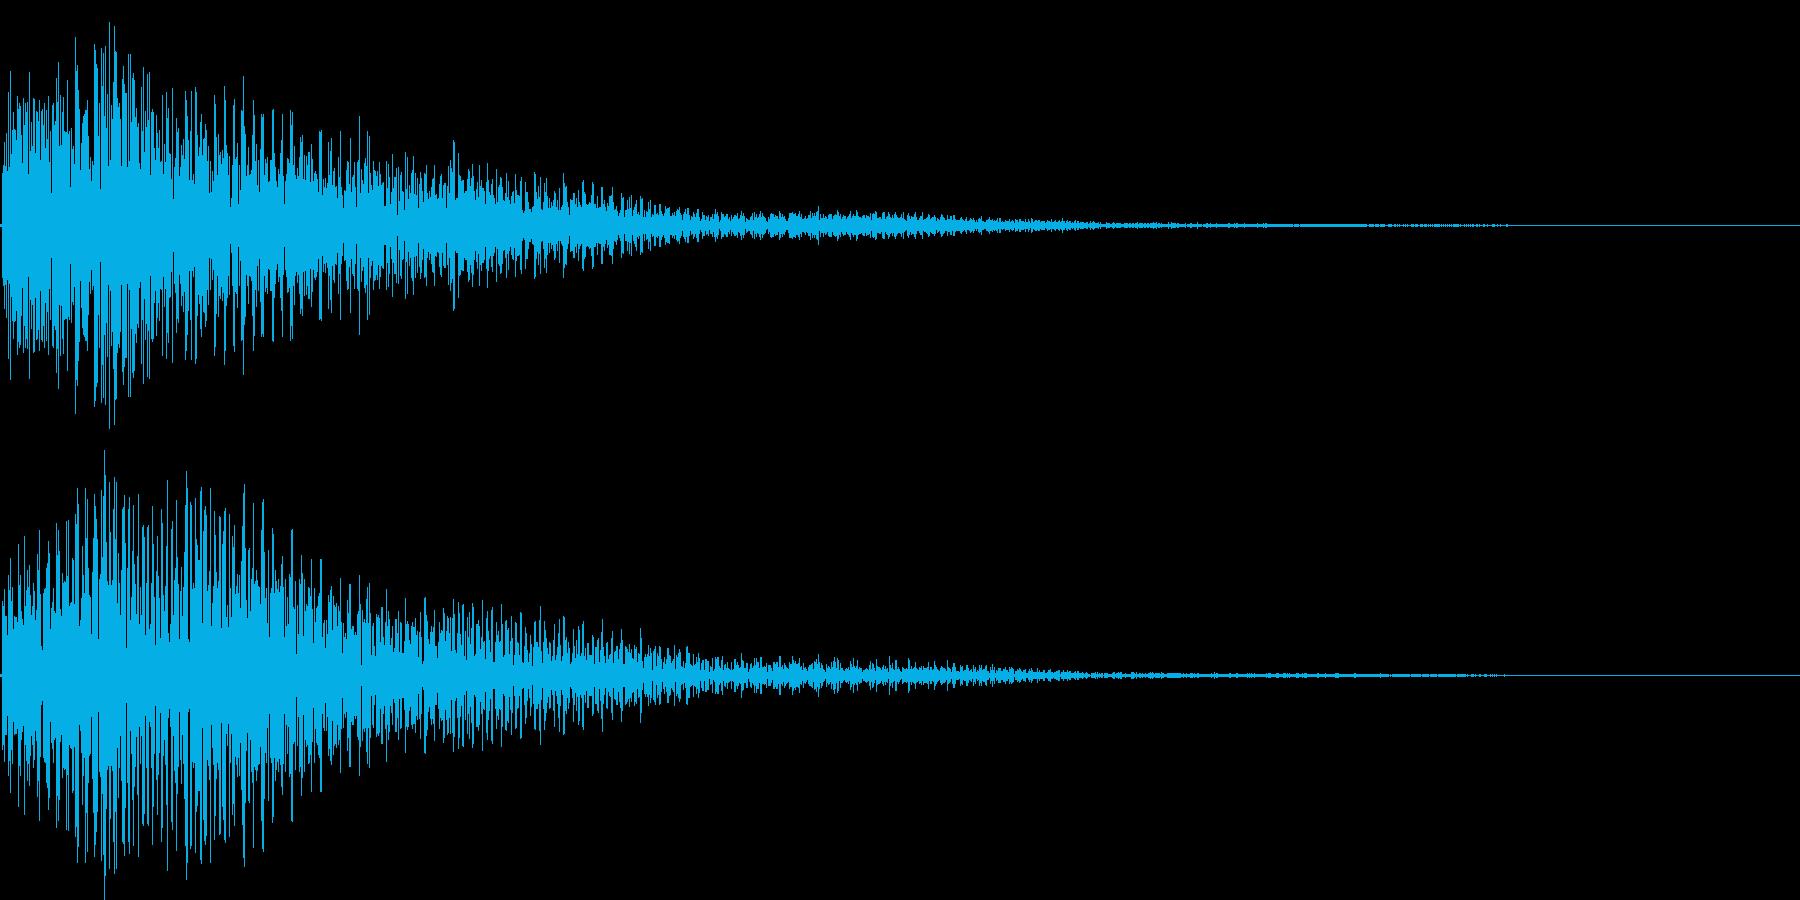 ゴゴーン(鐘、キャンセル、ショック)の再生済みの波形